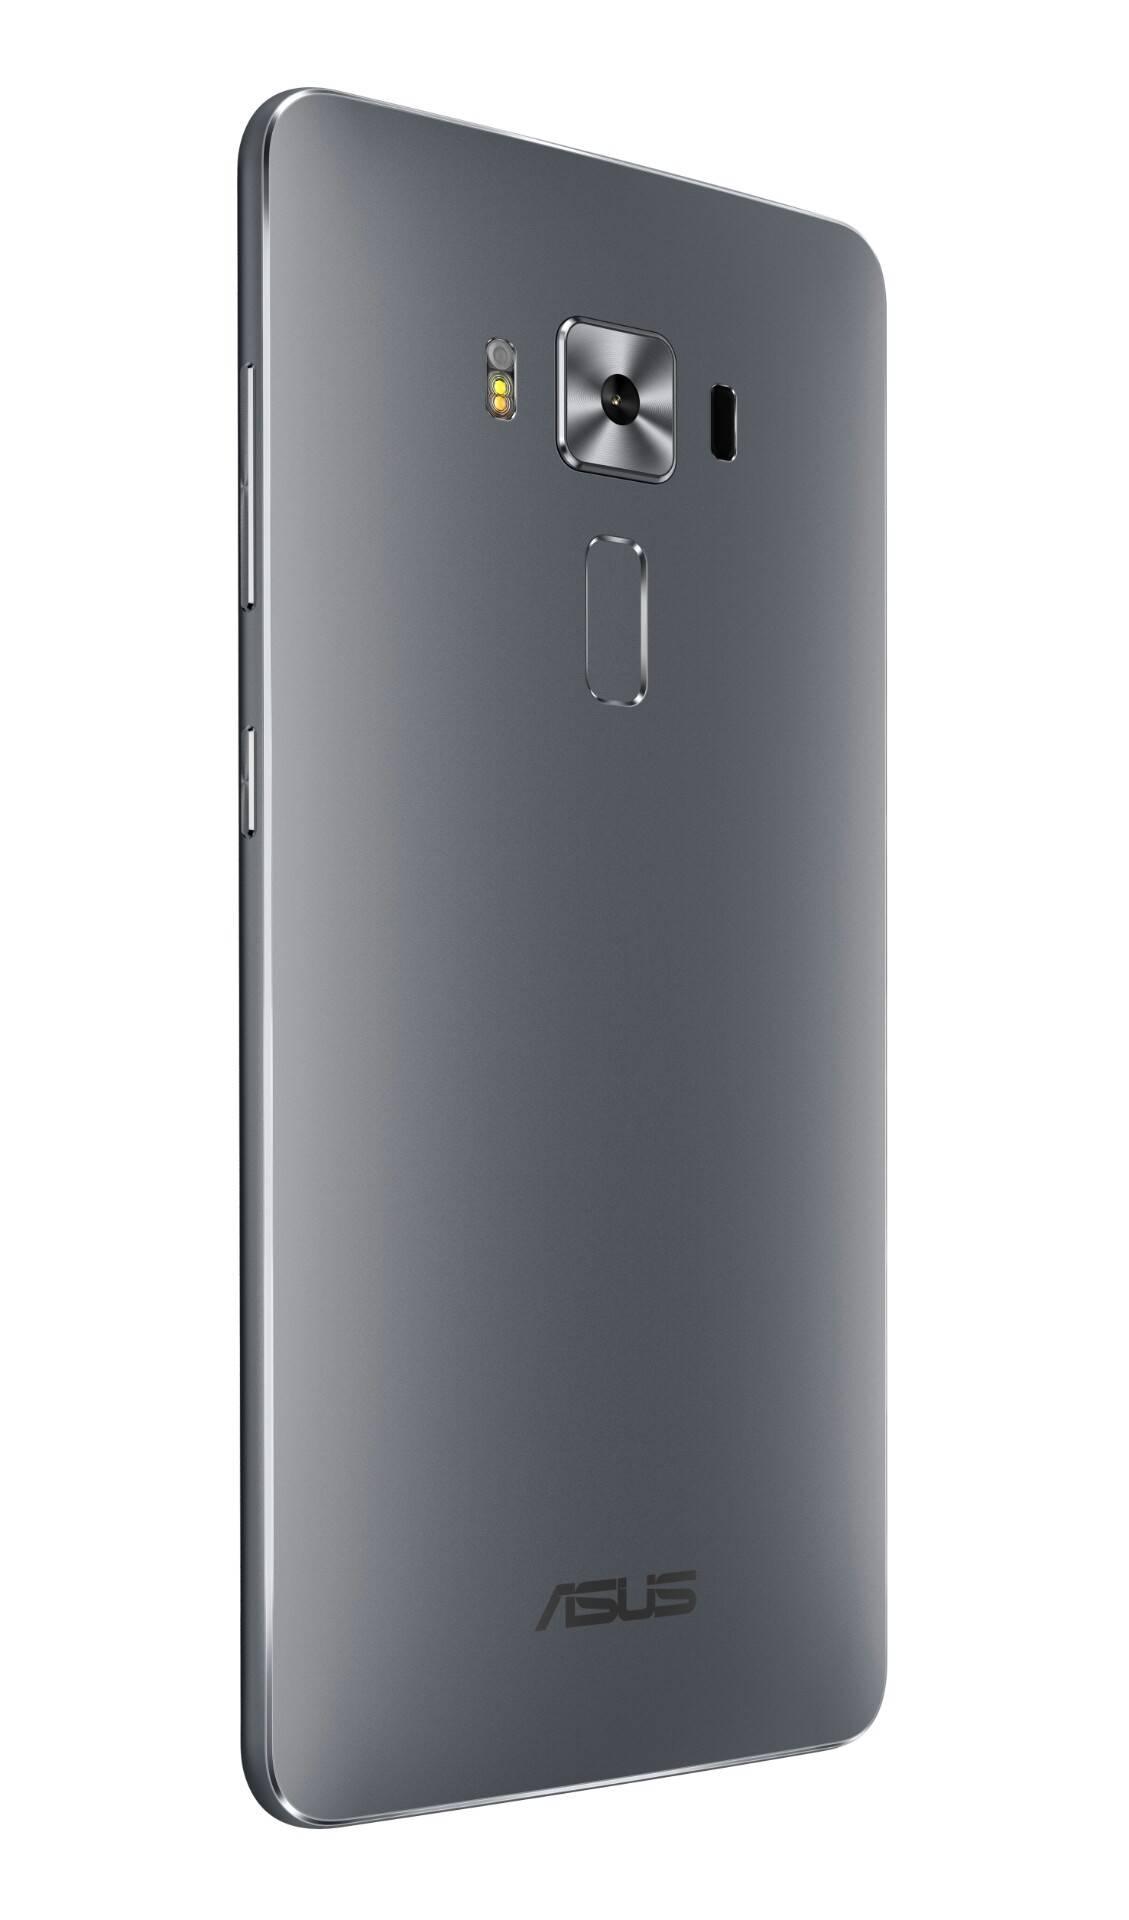 ASUS ZenFone 3 Deluxe 22